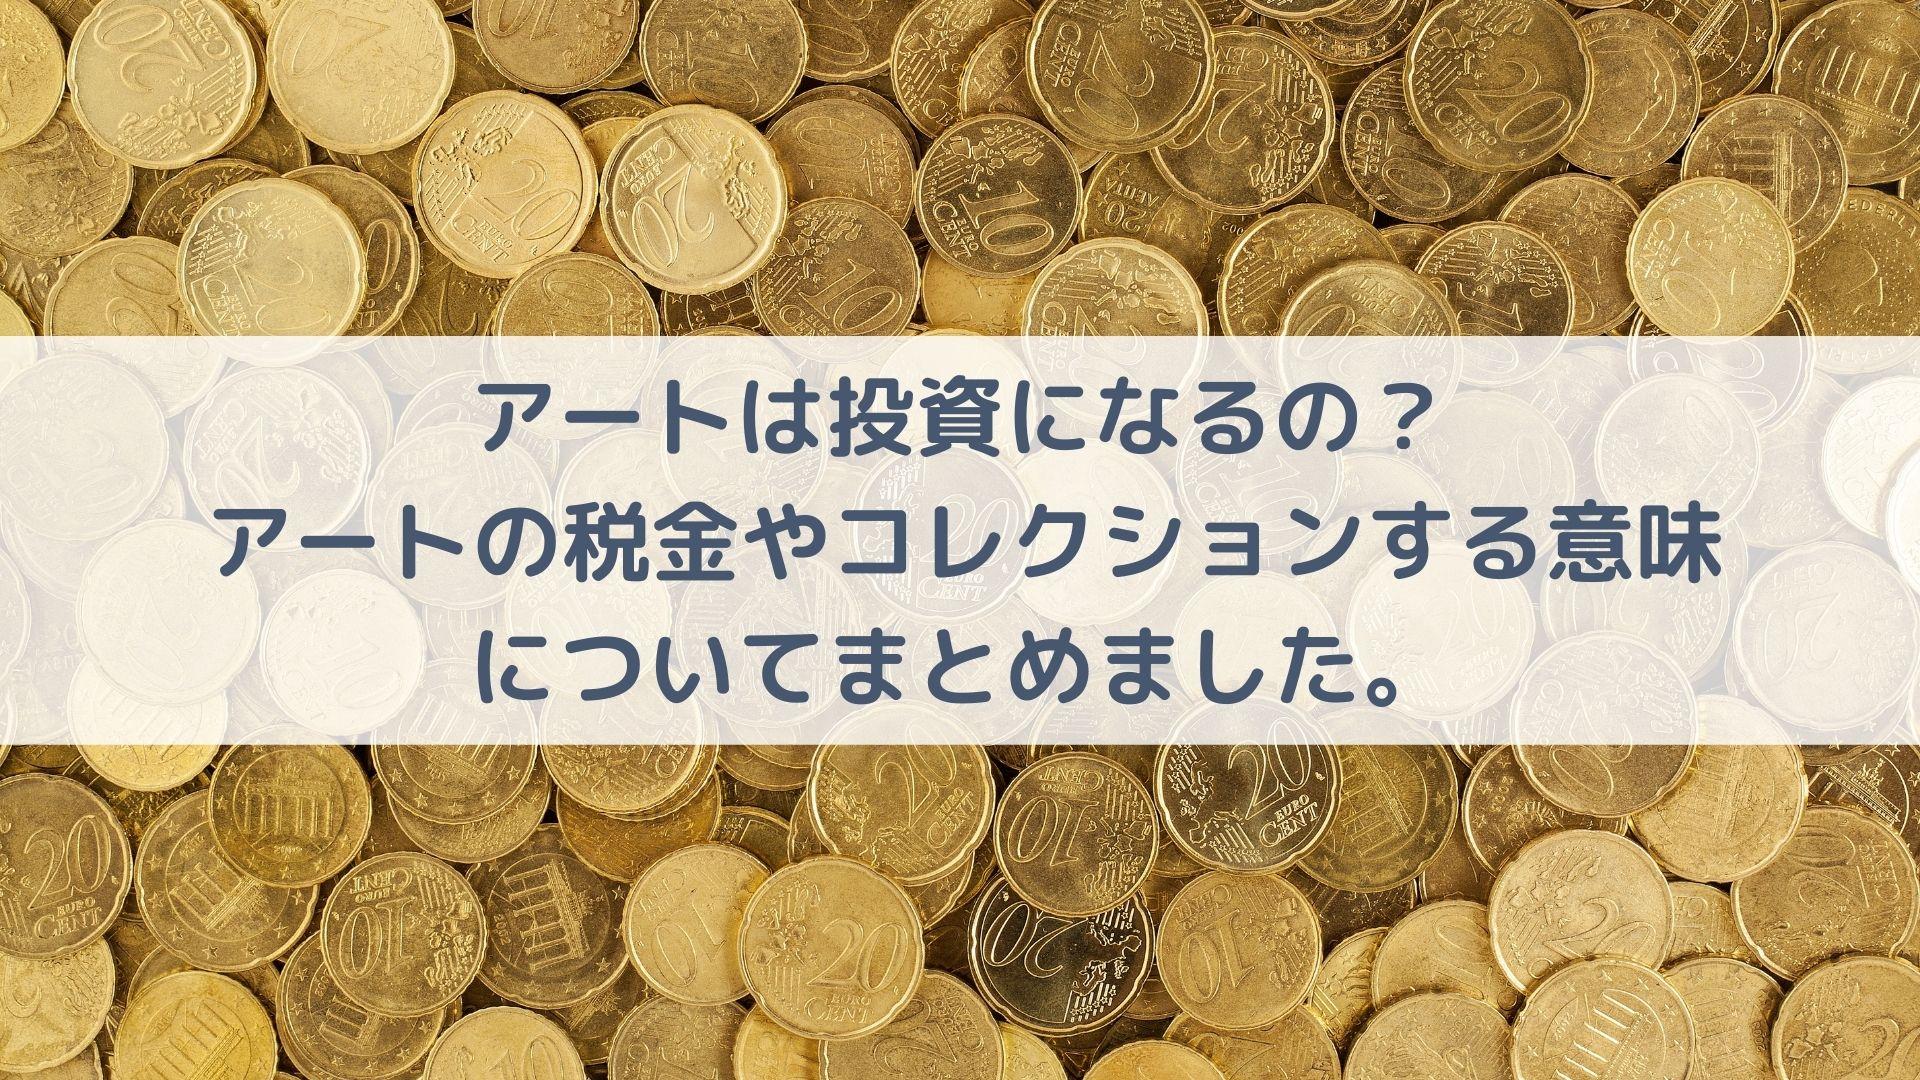 アートは投資になるの?日本のアートにまつわる税金やコレクションする意味についてまとめました。